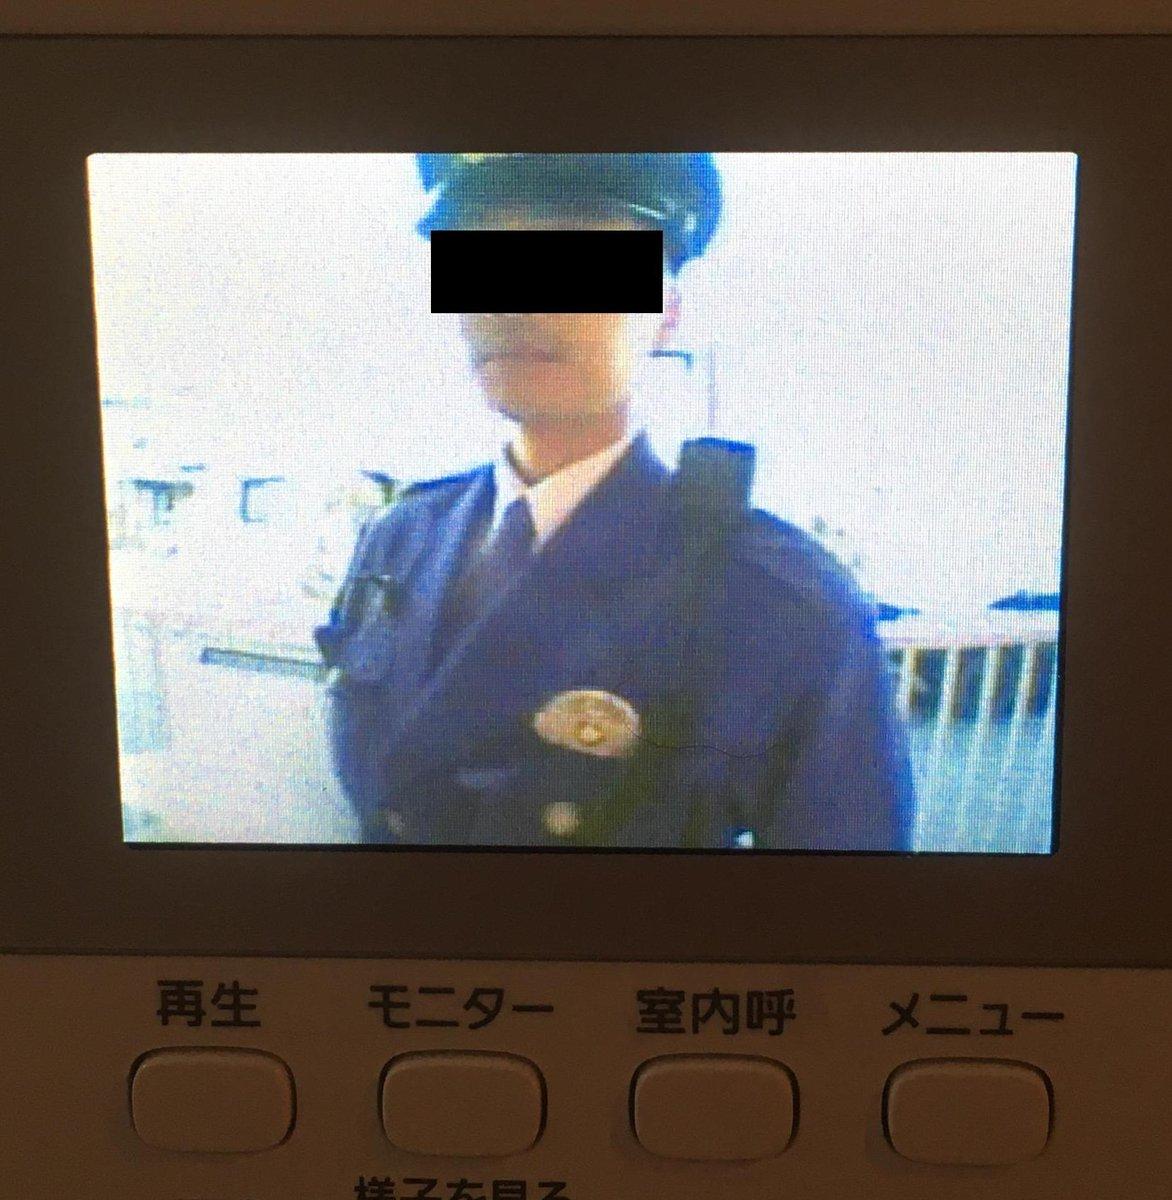 東京の新居は「4万円台で風呂トイレ別、かつウォシュレット付きで築10年以内」という厳しい条件で探した…